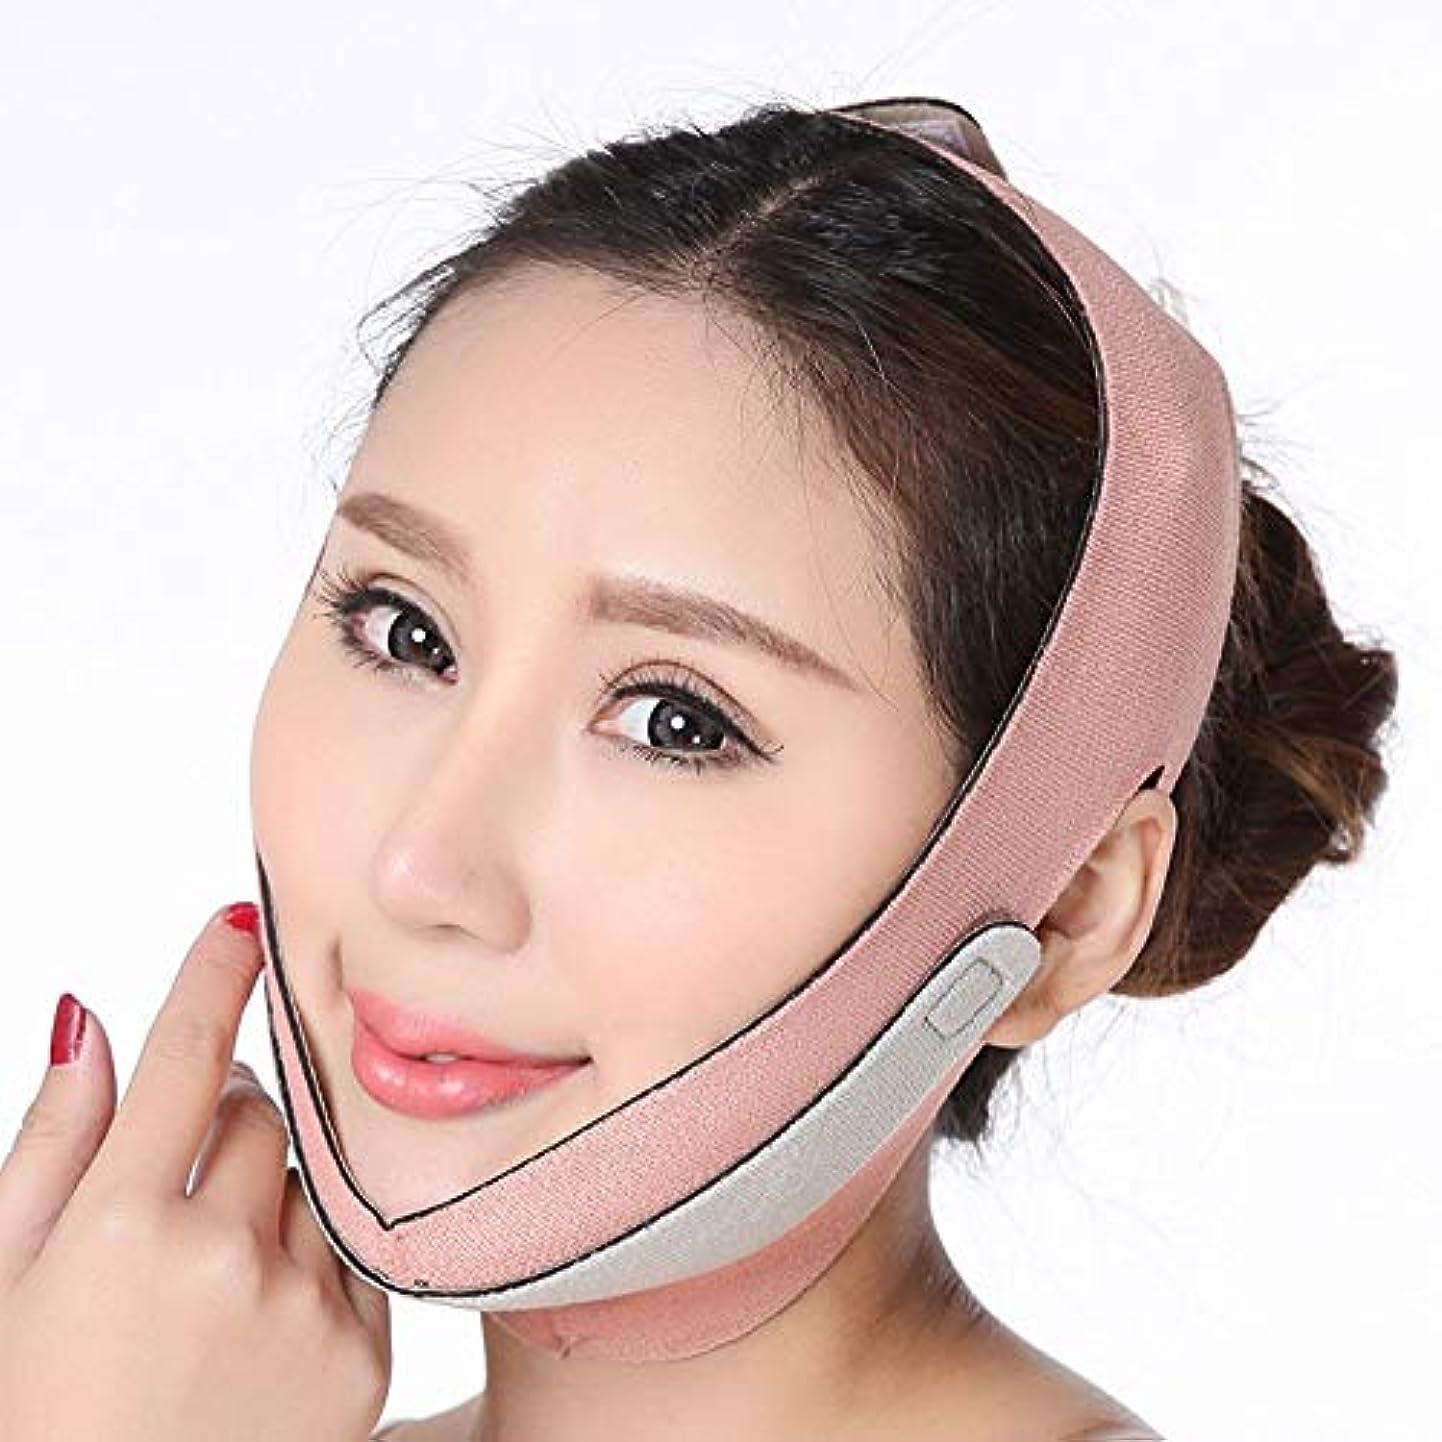 陰謀まともな湿った飛強強 シンフェイス包帯シンフェイスマスクフェイスリフトアーティファクトレイズVフェイスシンフェイスフェイスリフティング美容マスク小フェイス包帯 スリムフィット美容ツール (Color : A)